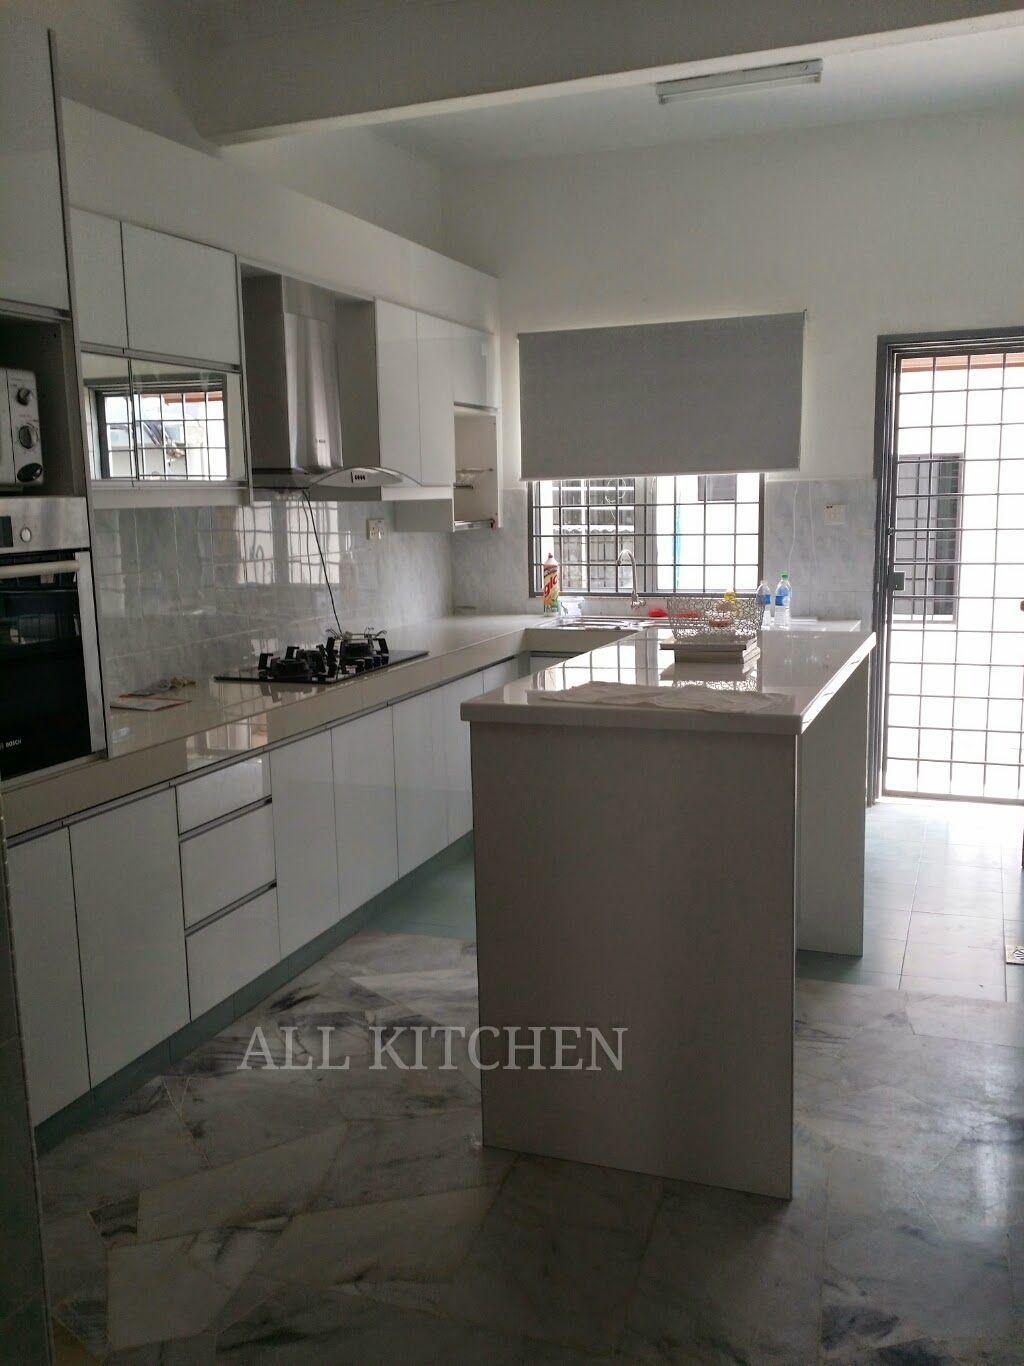 All Kitchen Kabinet Dapur Bukit Antarabangsa